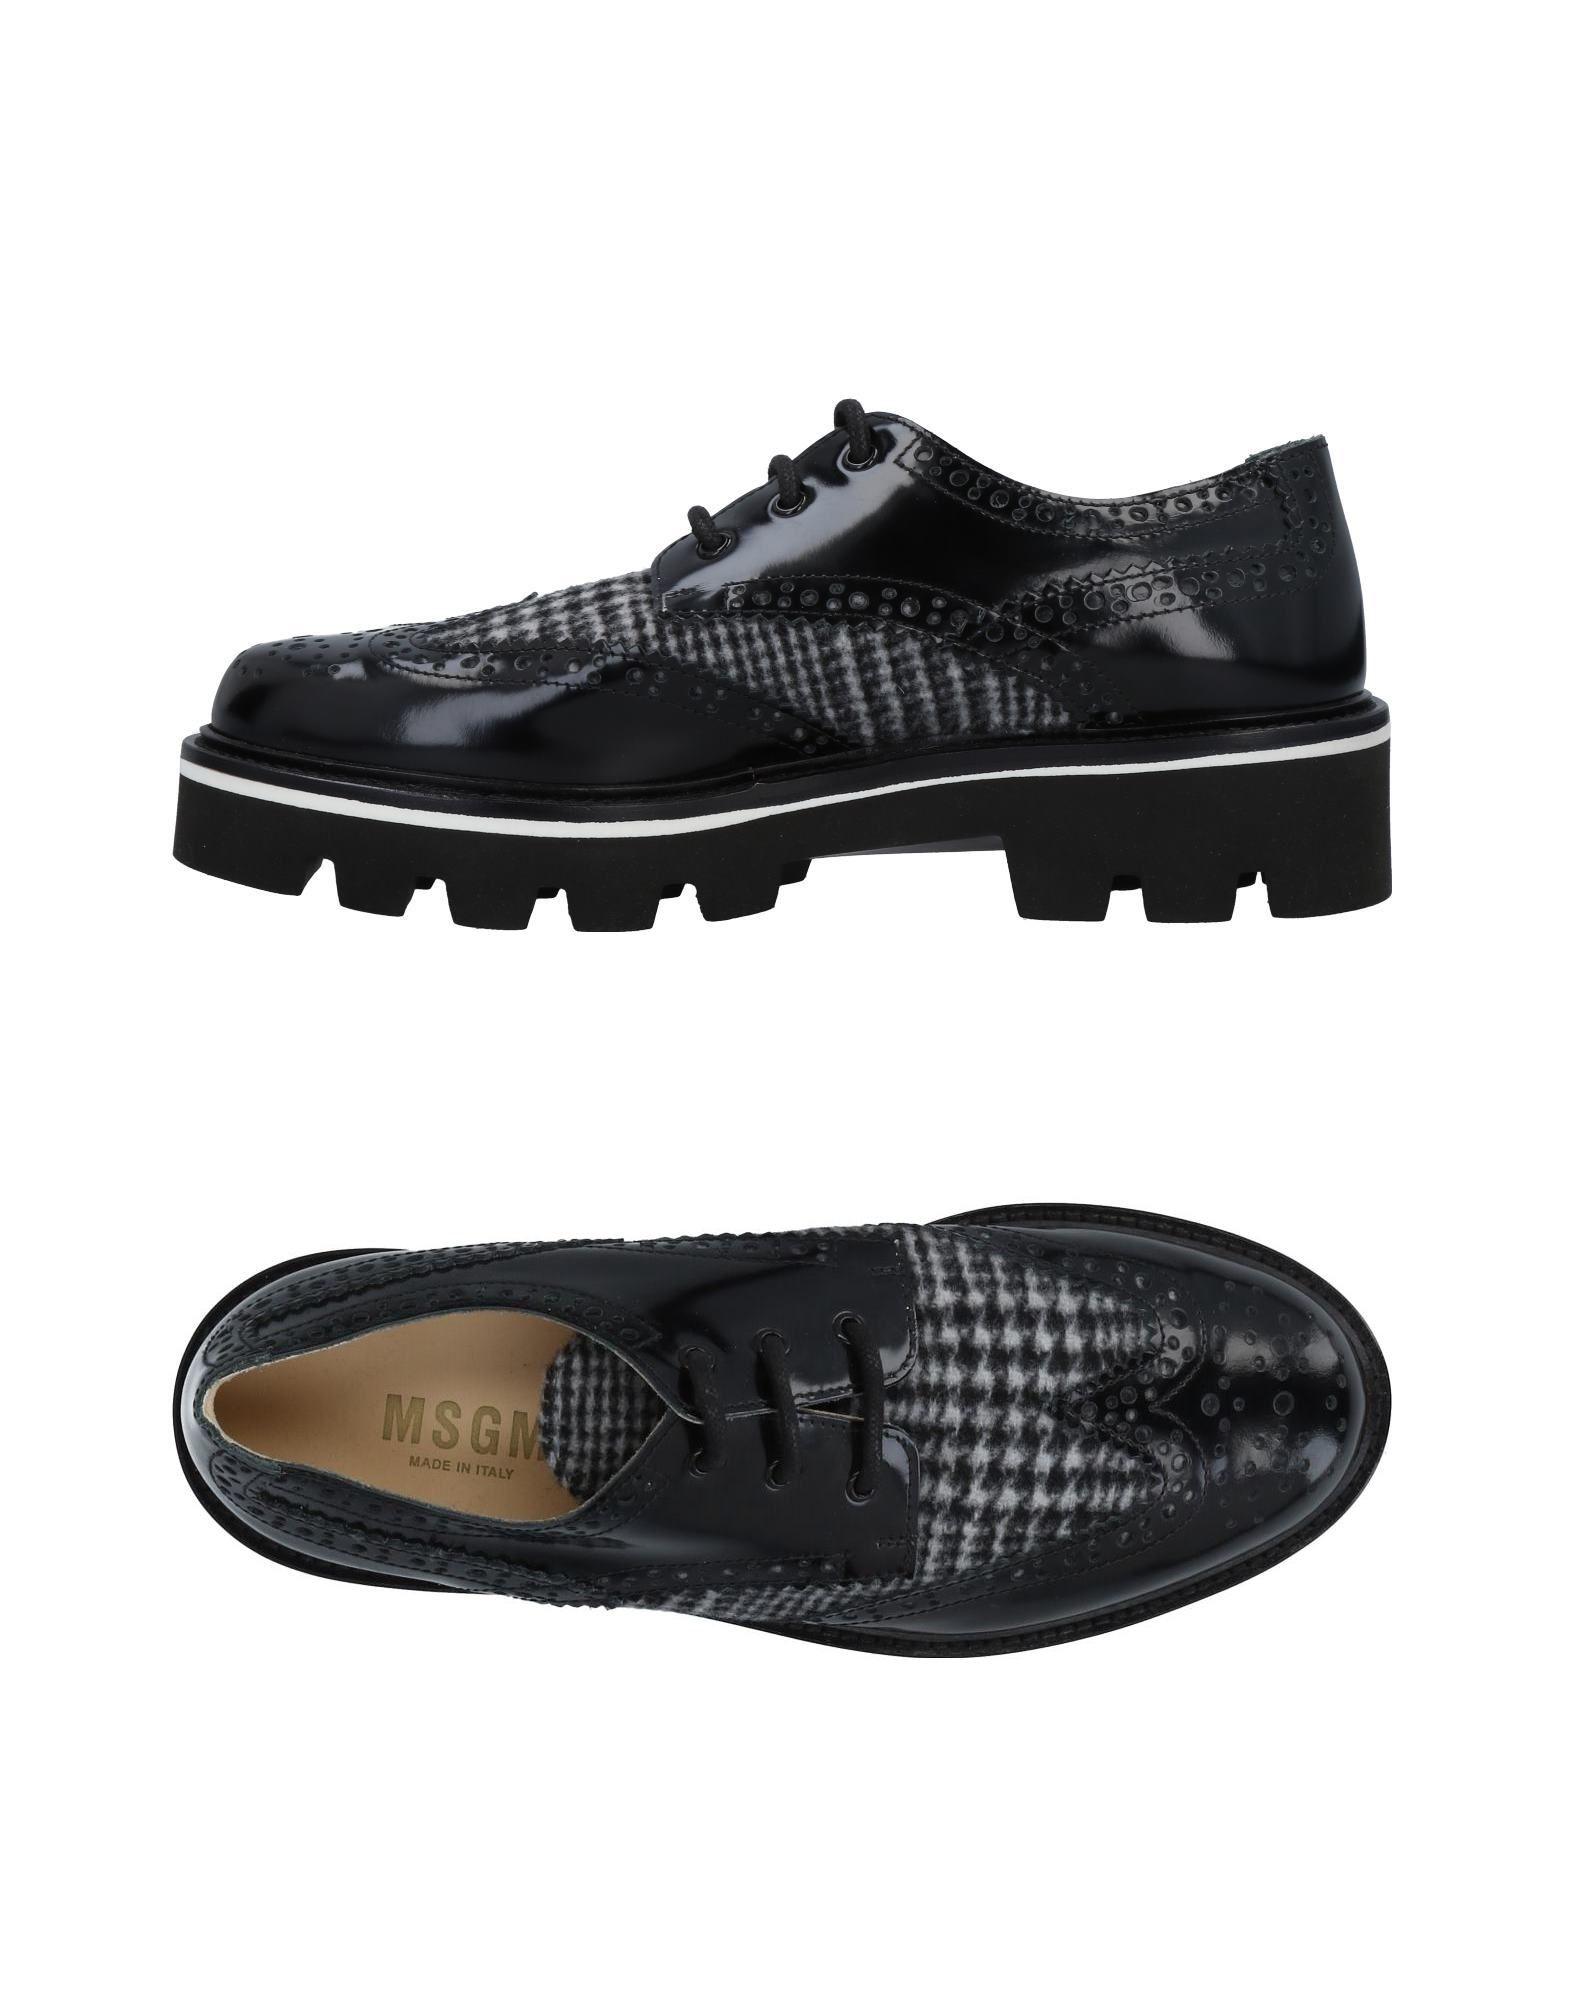 Msgm Schnürschuhe Damen  11493485AGGut aussehende strapazierfähige Schuhe